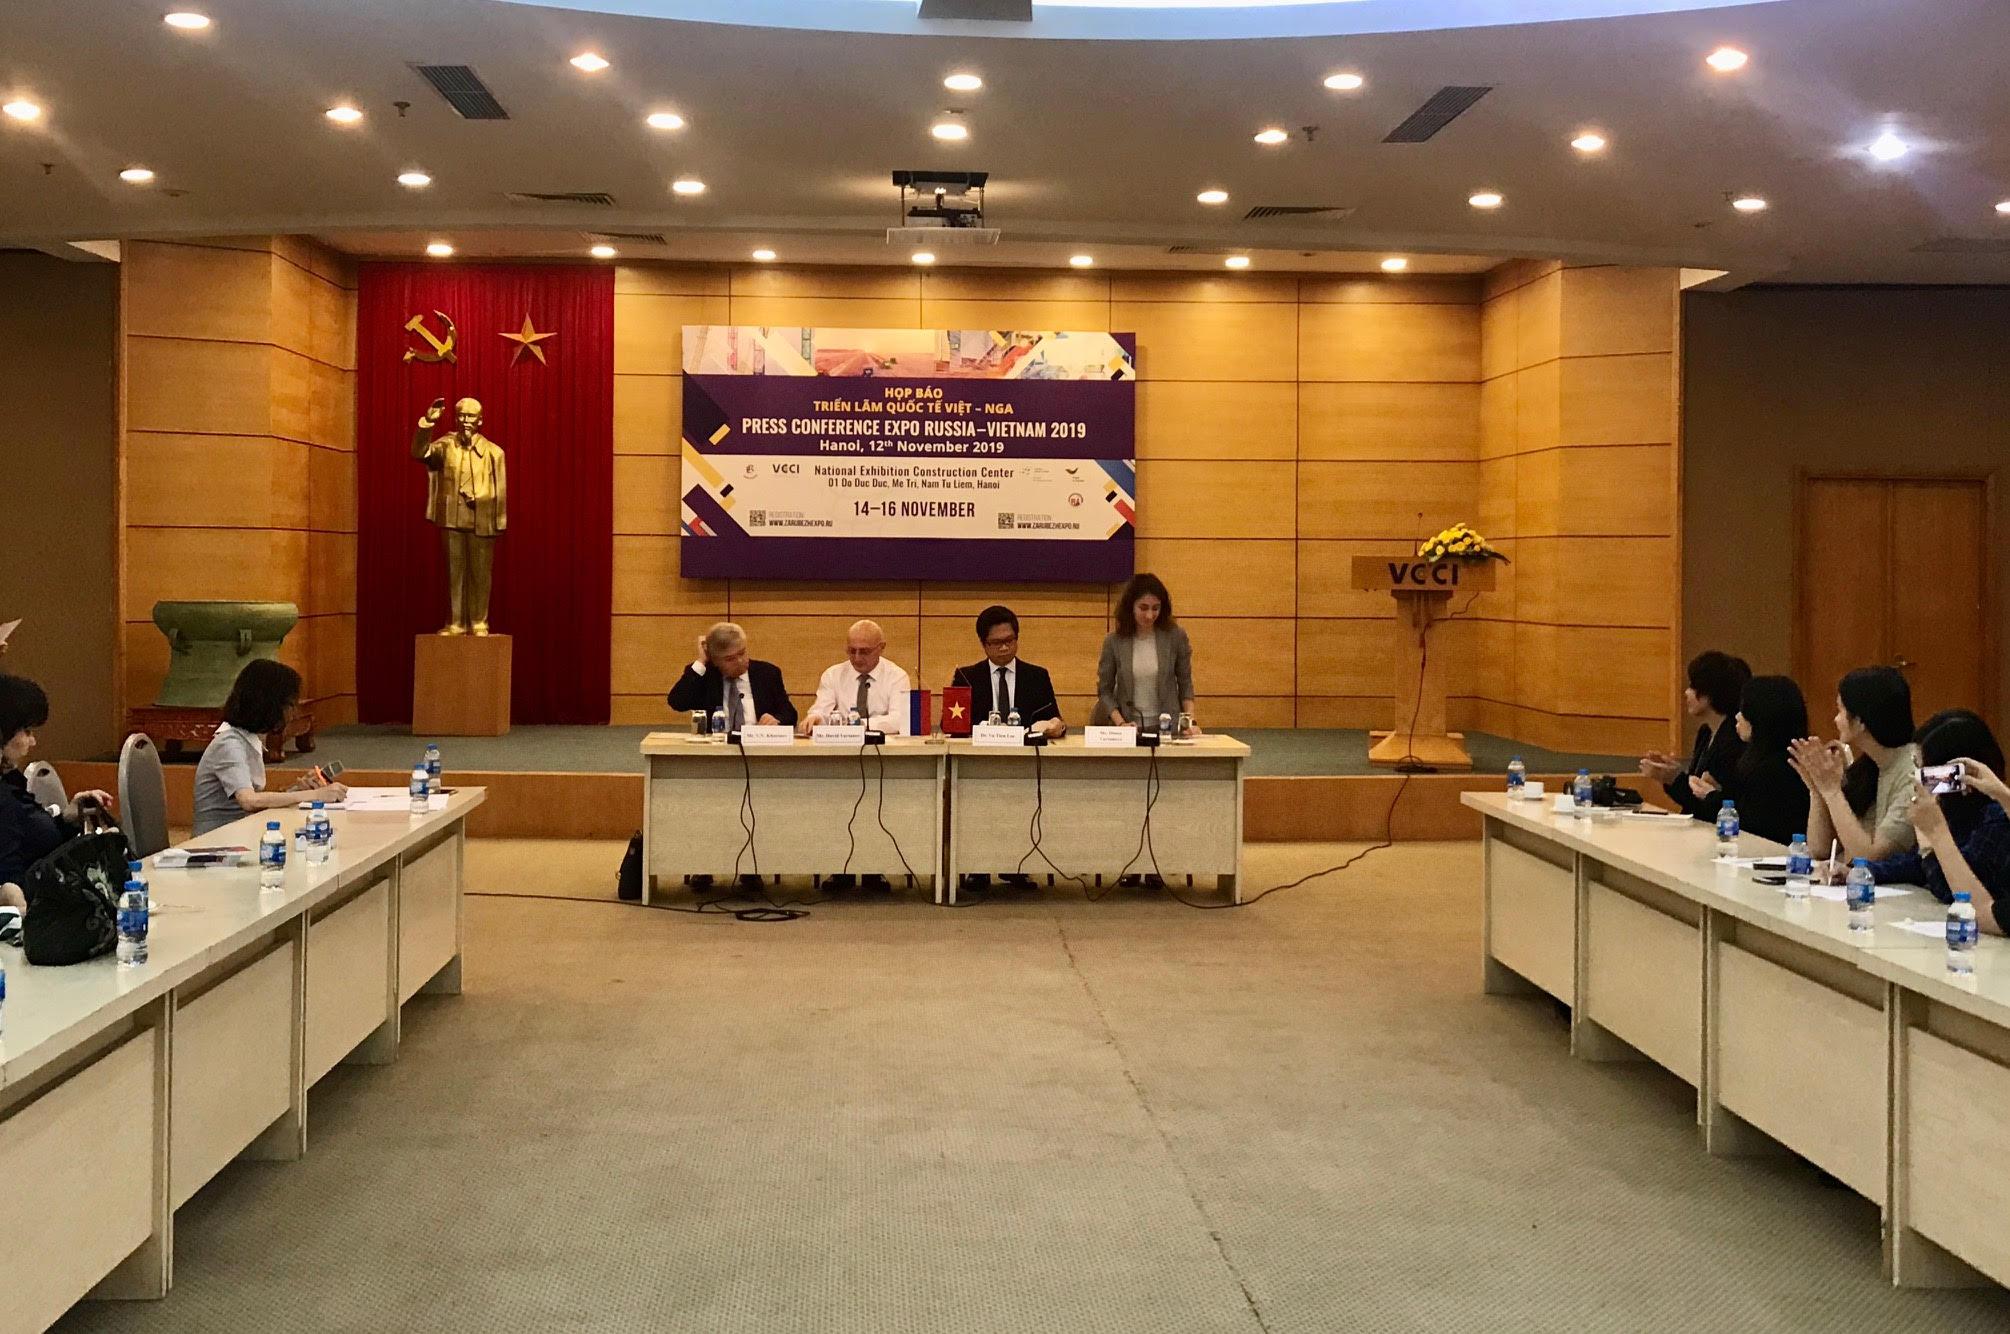 Tăng cường xúc tiến thương mại cho doanh nghiệp Việt – Nga